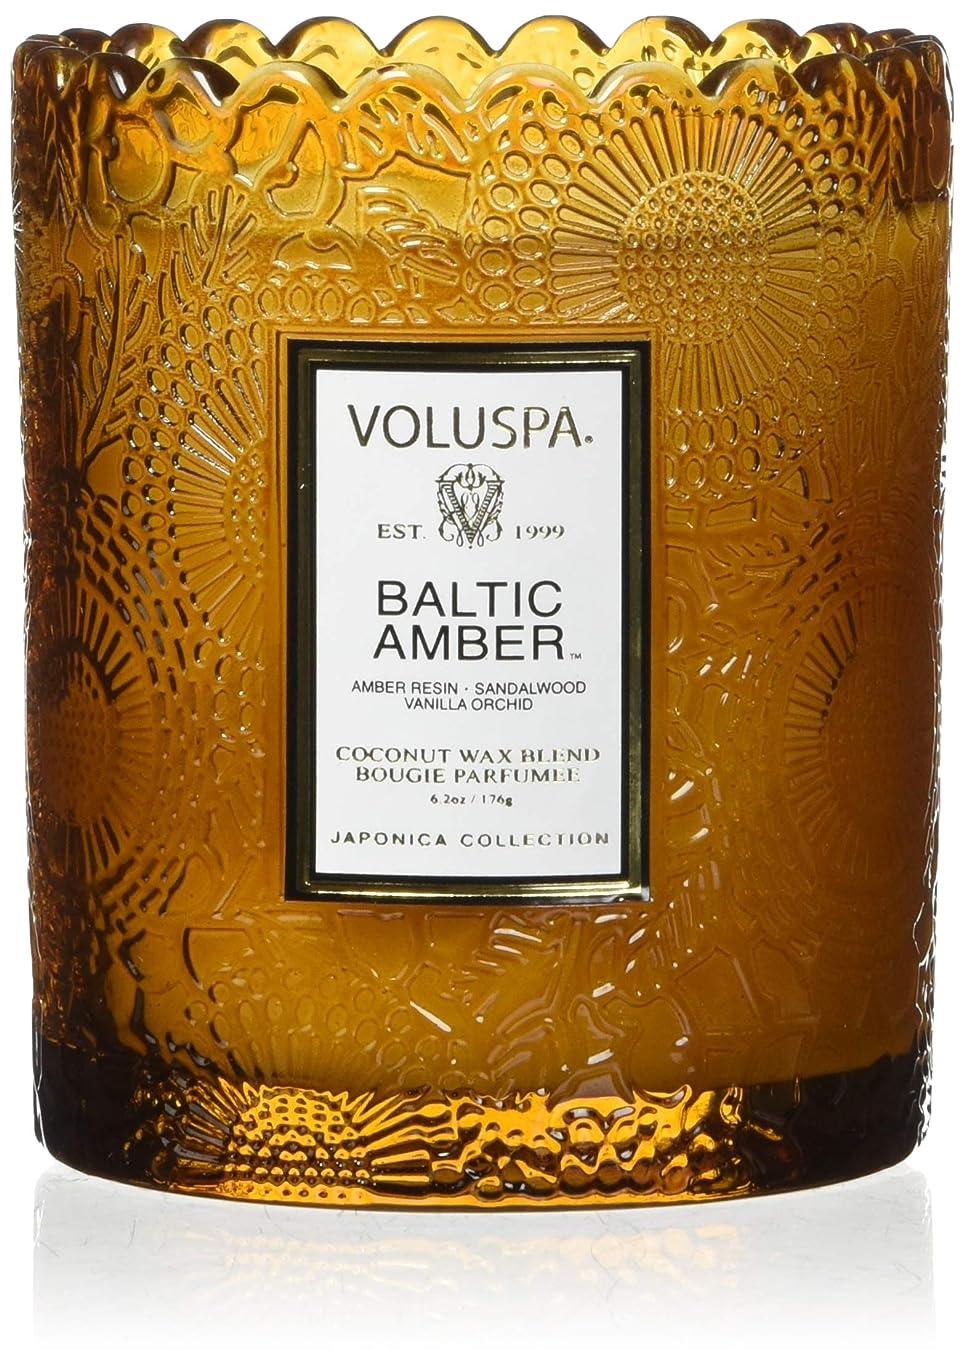 削除する不健全ミトンVoluspa ボルスパ ジャポニカ リミテッド スカラップグラスキャンドル  バルティックアンバー BALTIC AMBER JAPONICA Limited SCALLOPED EDGE Glass Candle